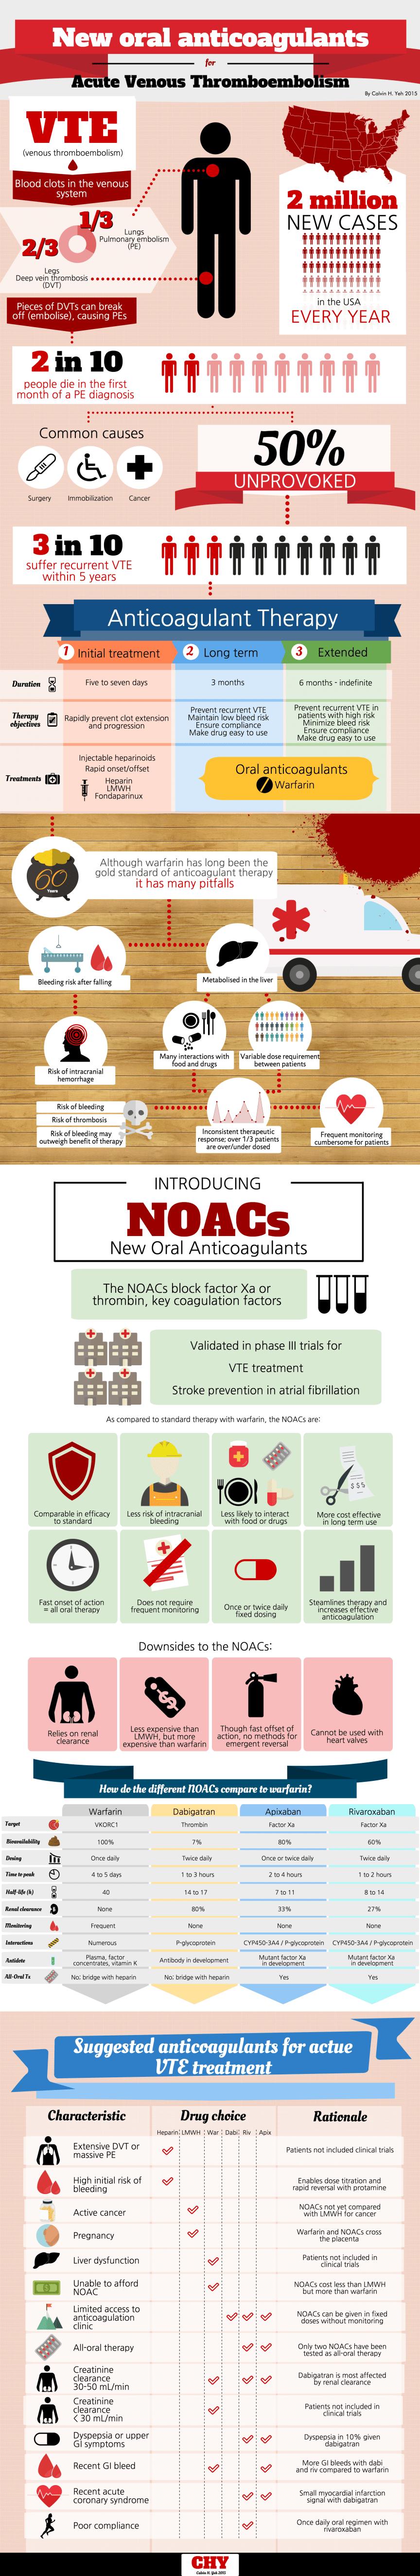 NOACS in VTE